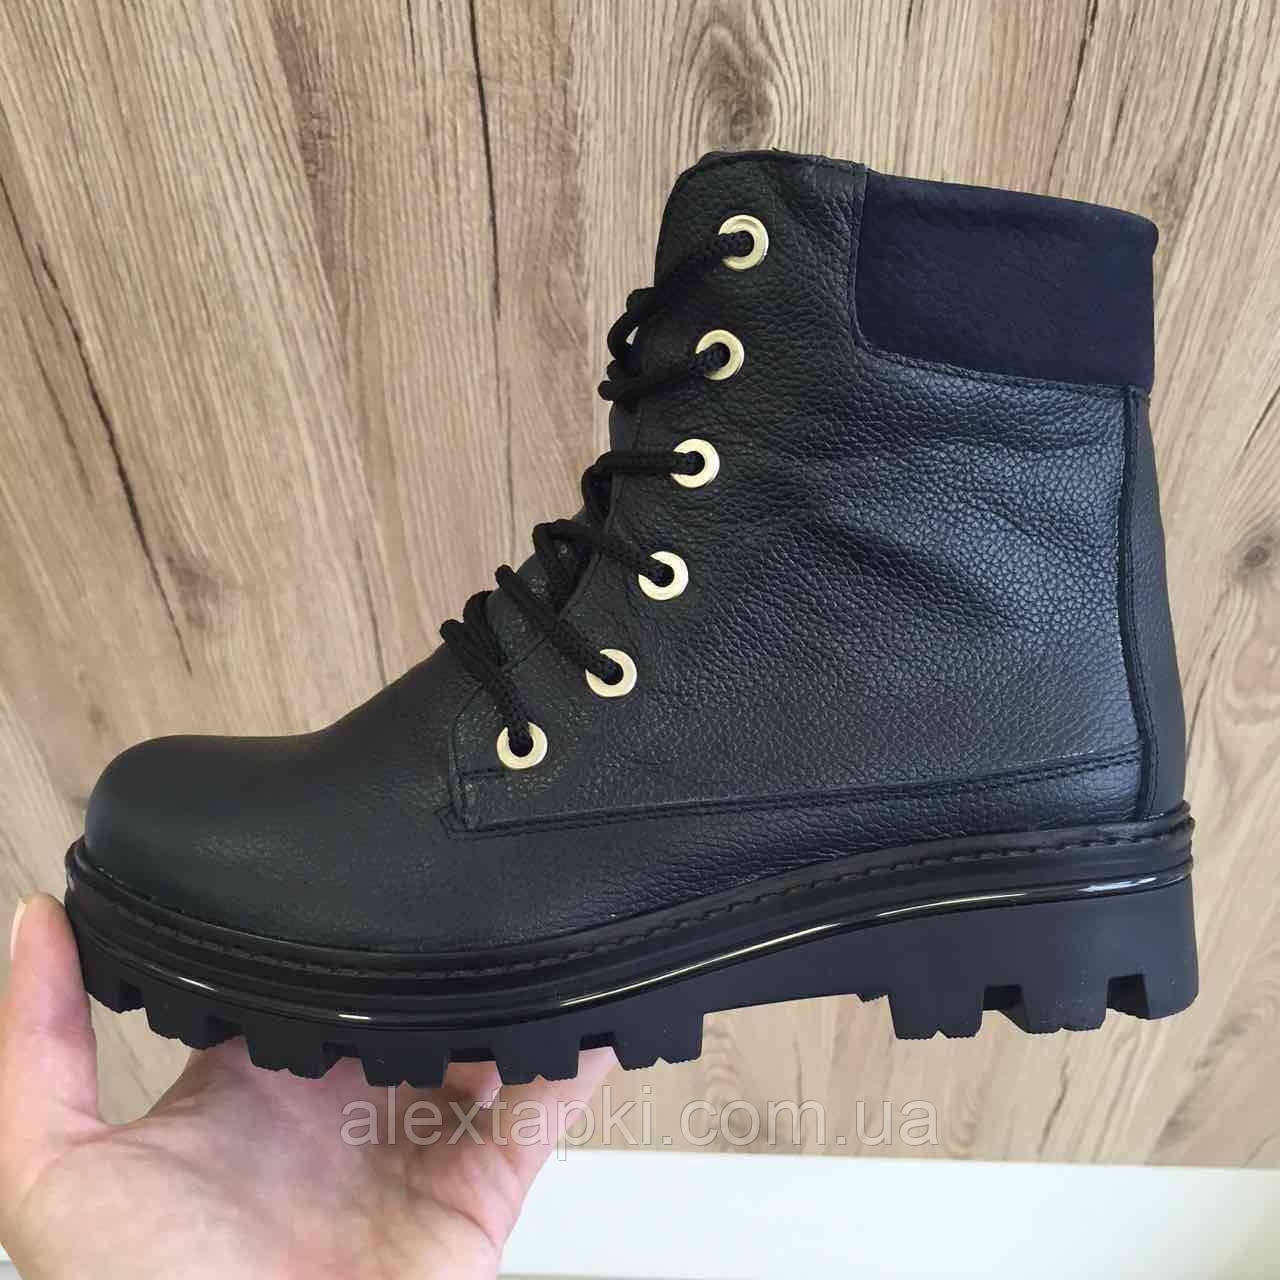 c28d14e7b Кожаные Ботинки Зима : продажа, цена в Хмельницком. ботильоны ...